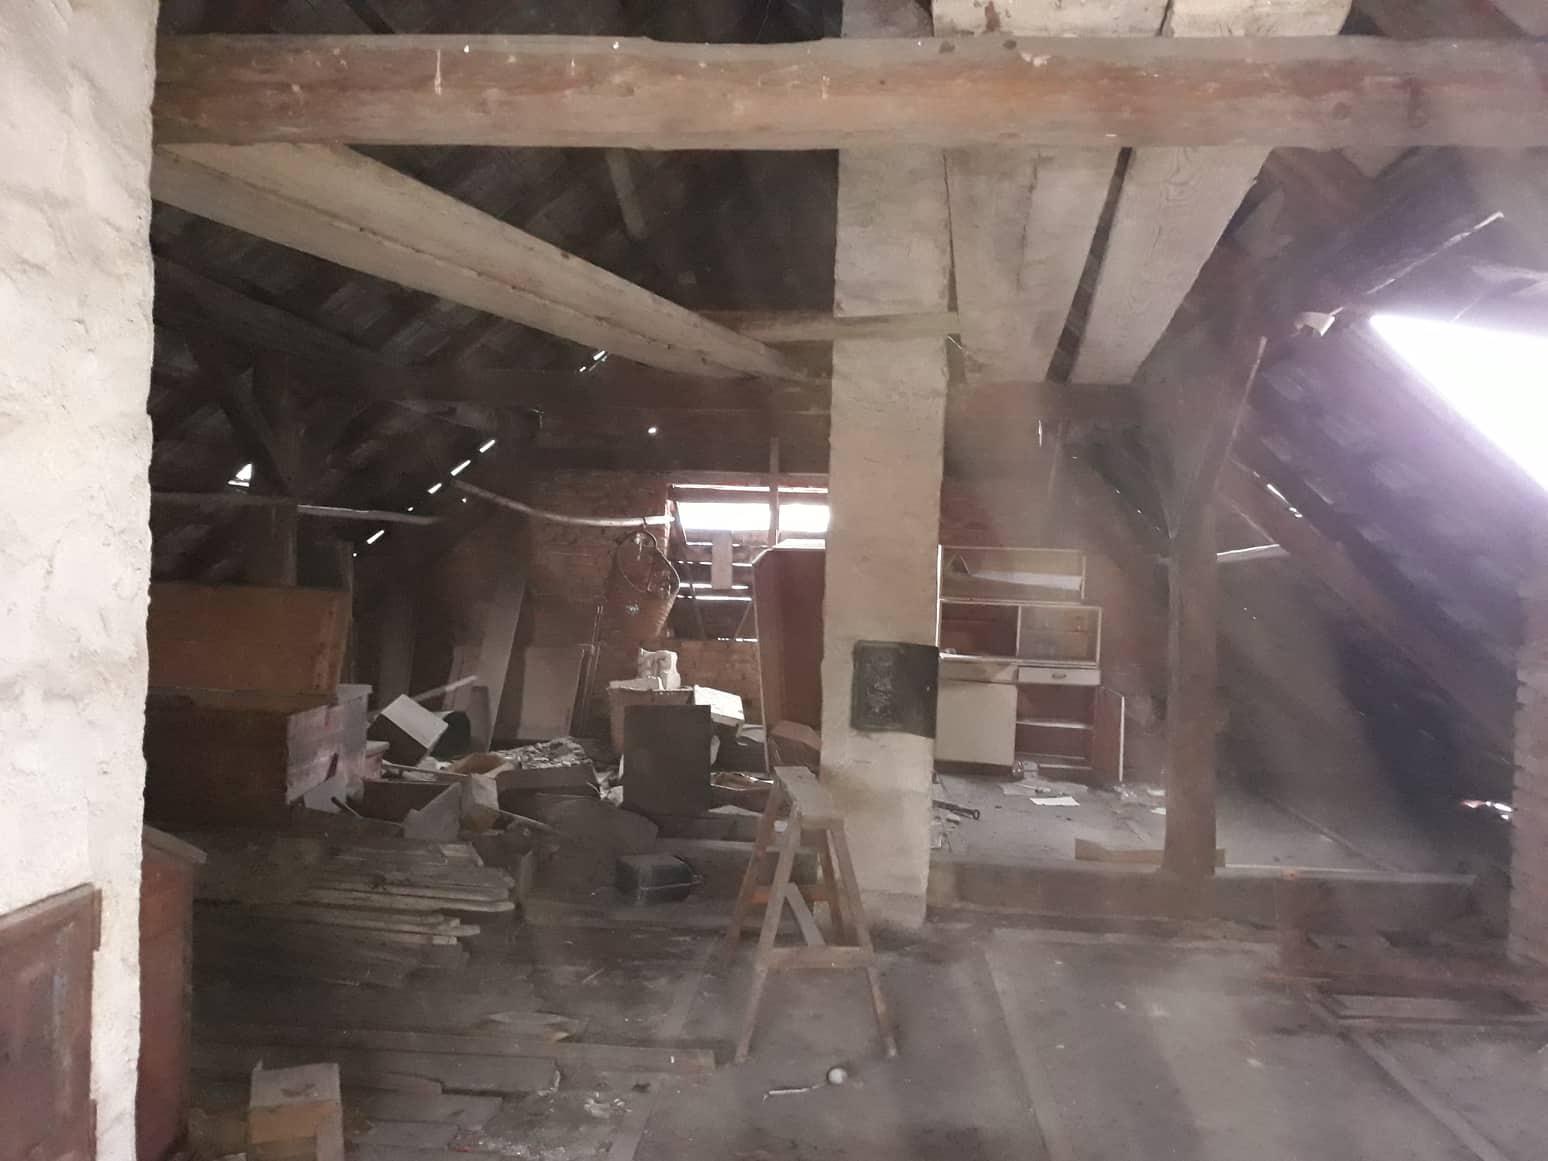 Rekonštrukcia domu-alebo chceme si splniť sen =》🏠🌻🌼🐶  mat domcek a vratit sa na Slovensko - Obrázok č. 42